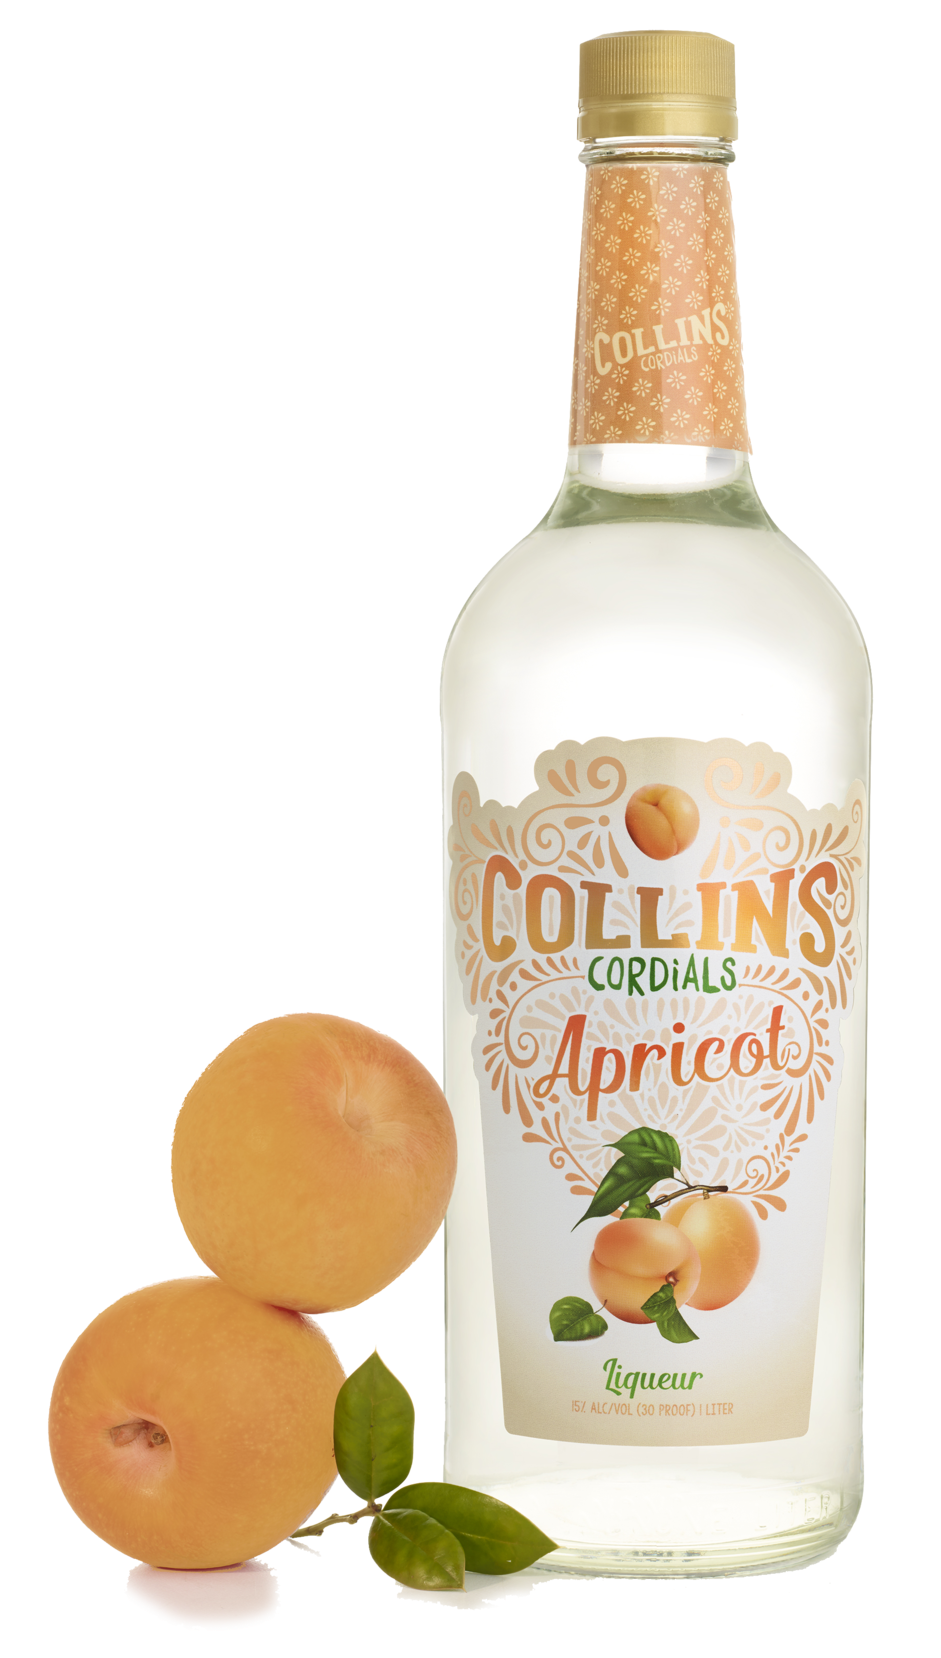 Apricot Liqueur | Collins Cordials